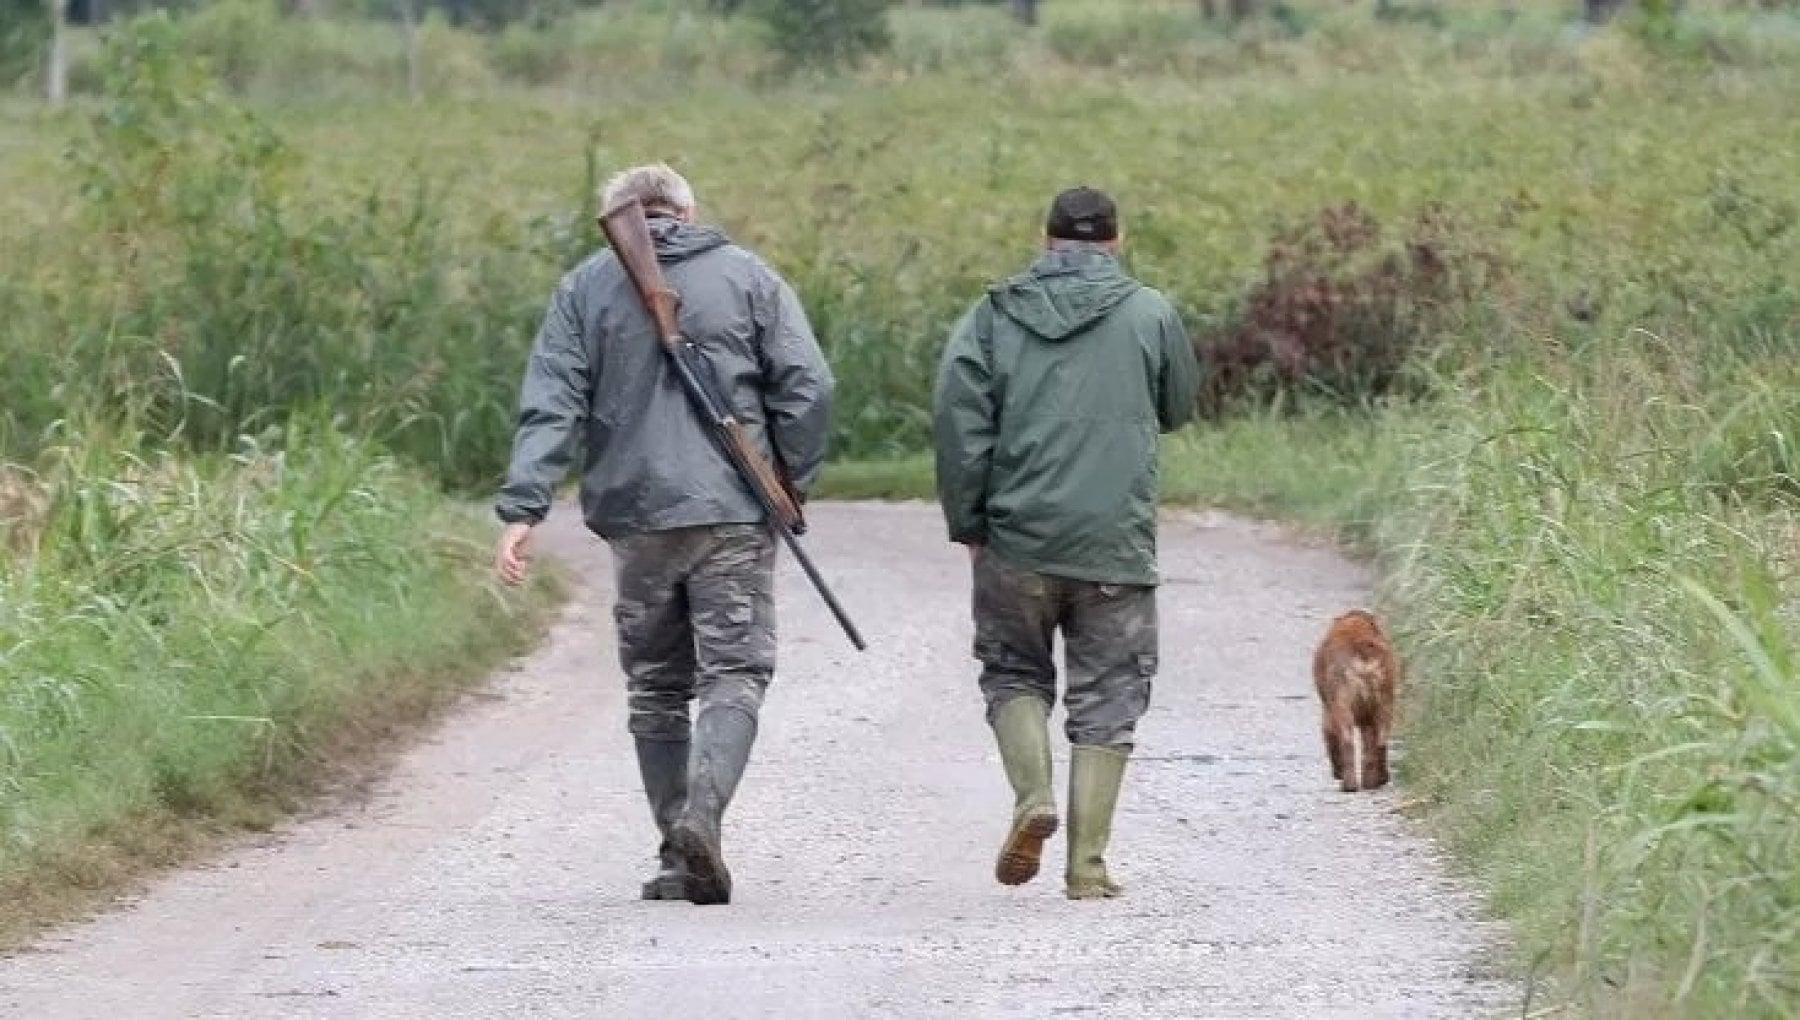 Via libera alla caccia. La deroga agli spostamenti tra Comuni che fa infuriare gli animalisti